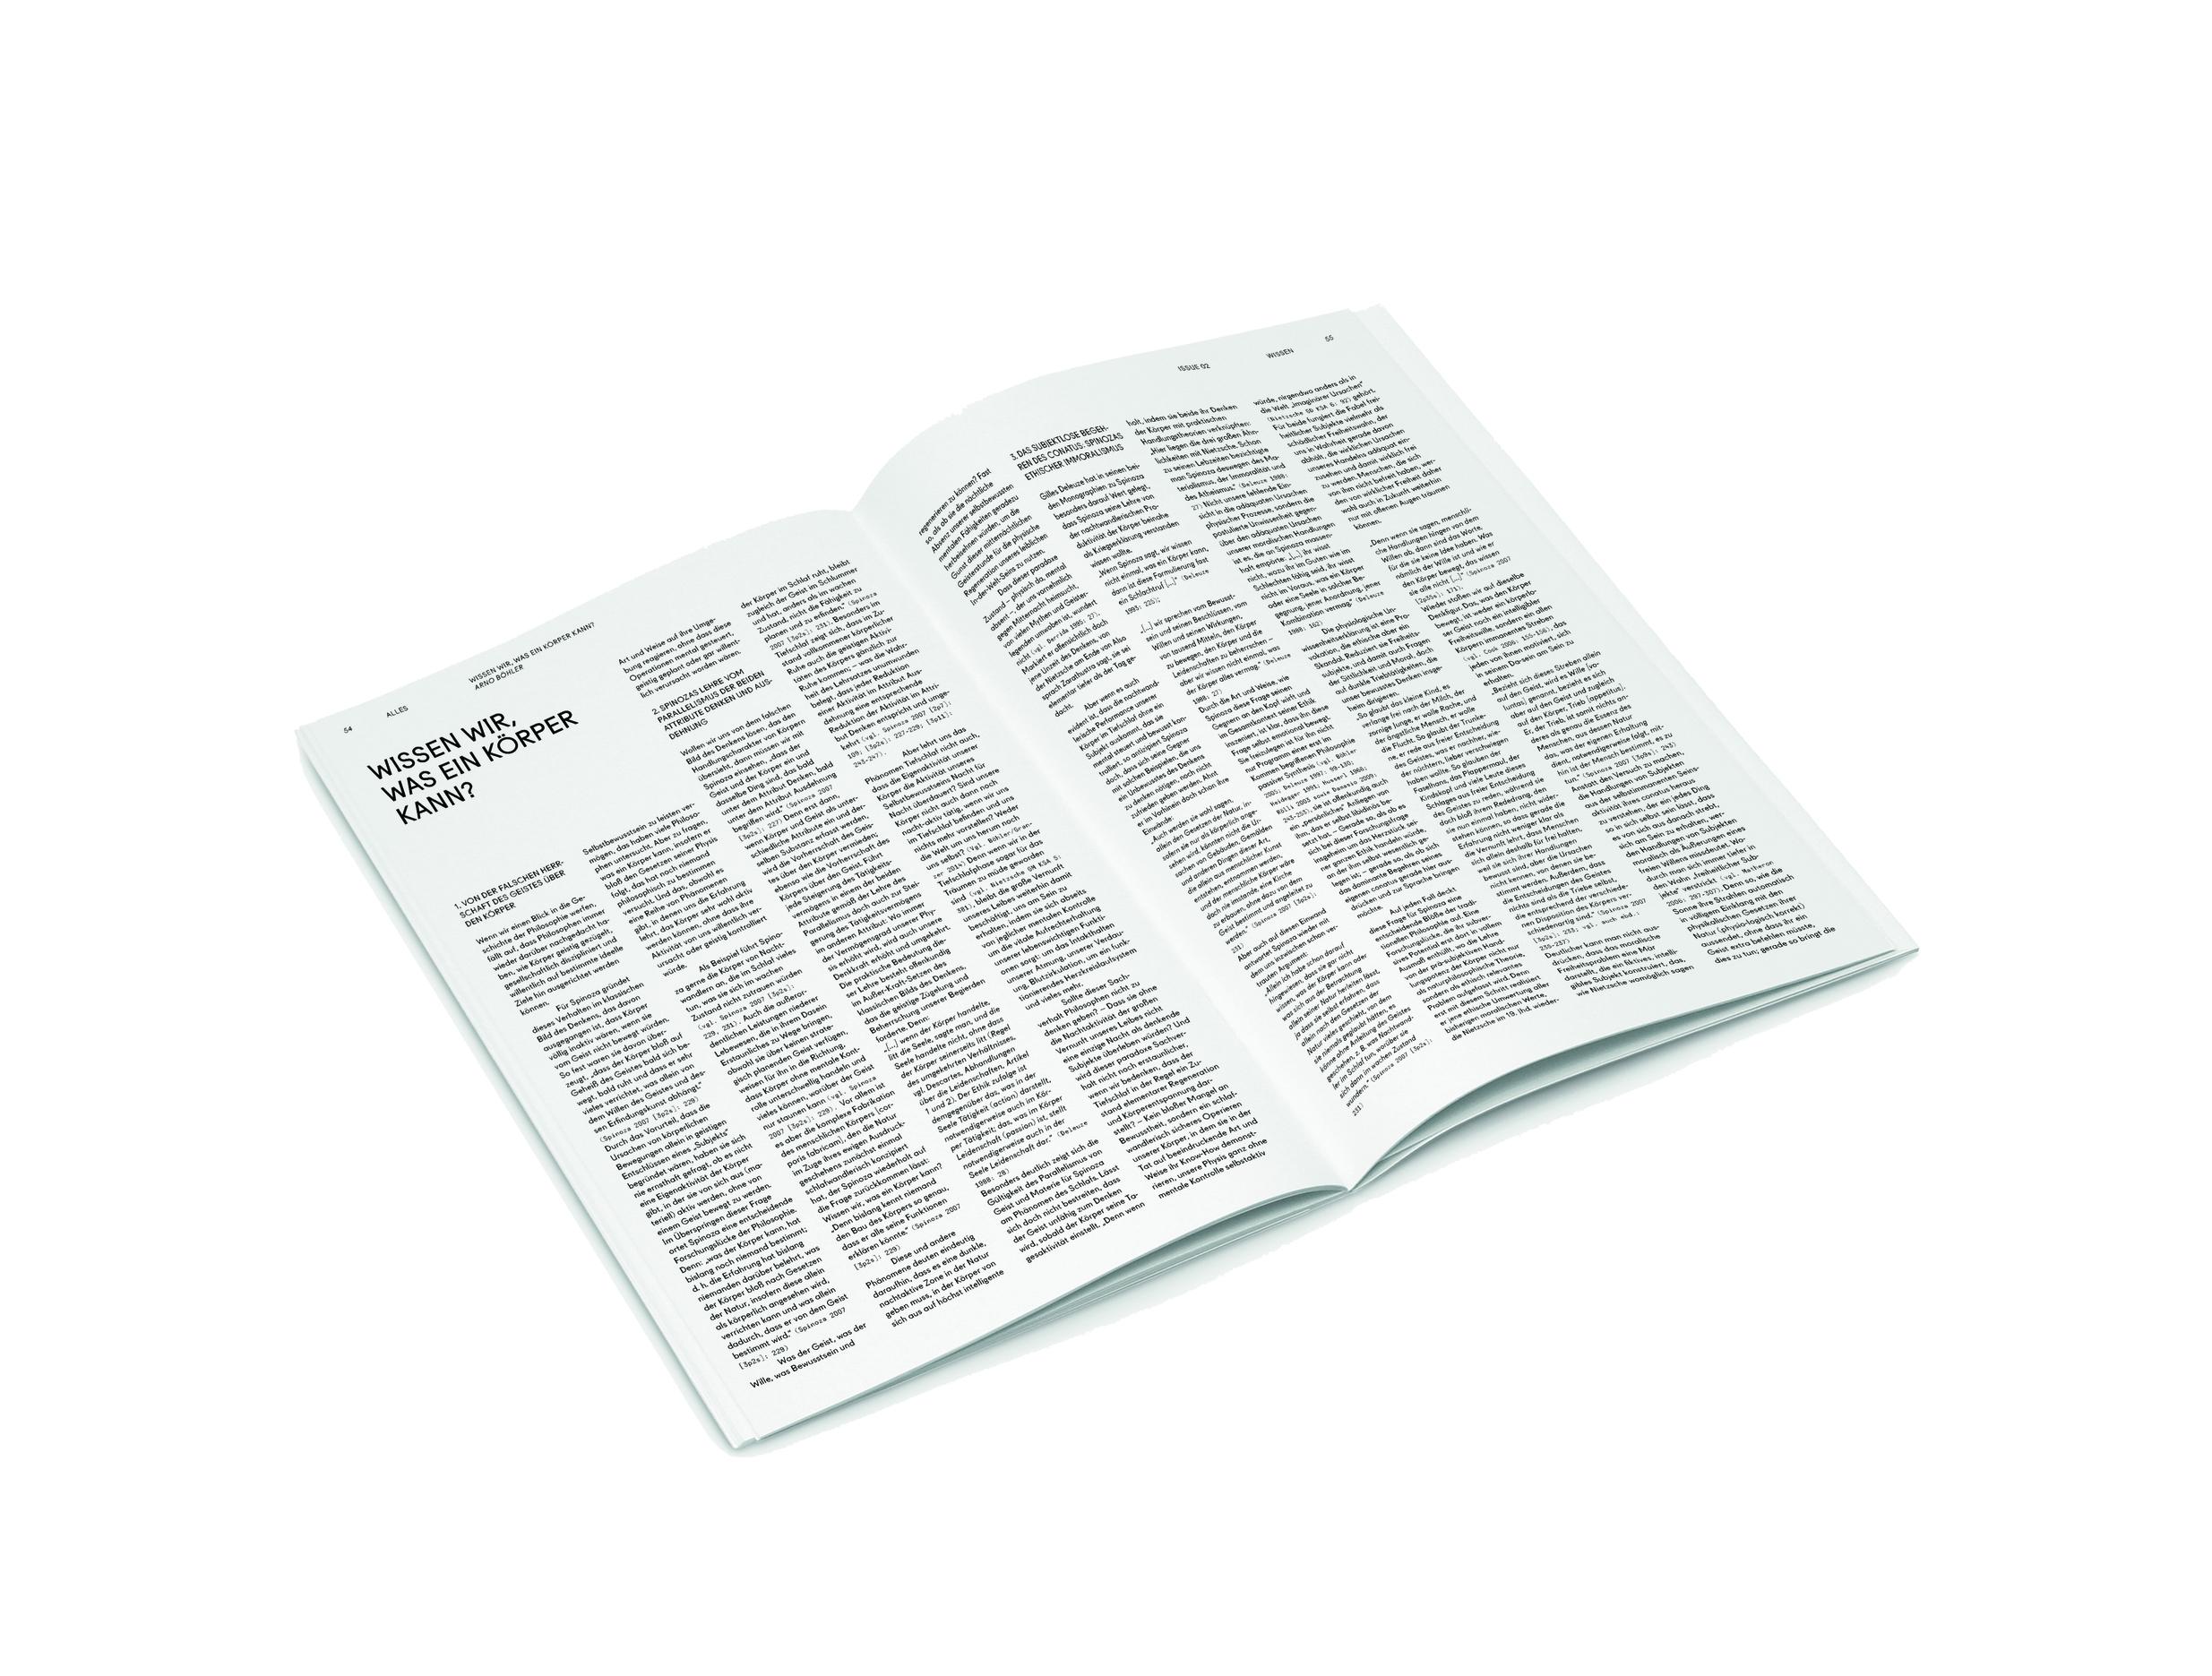 Magazin_Boehler.png